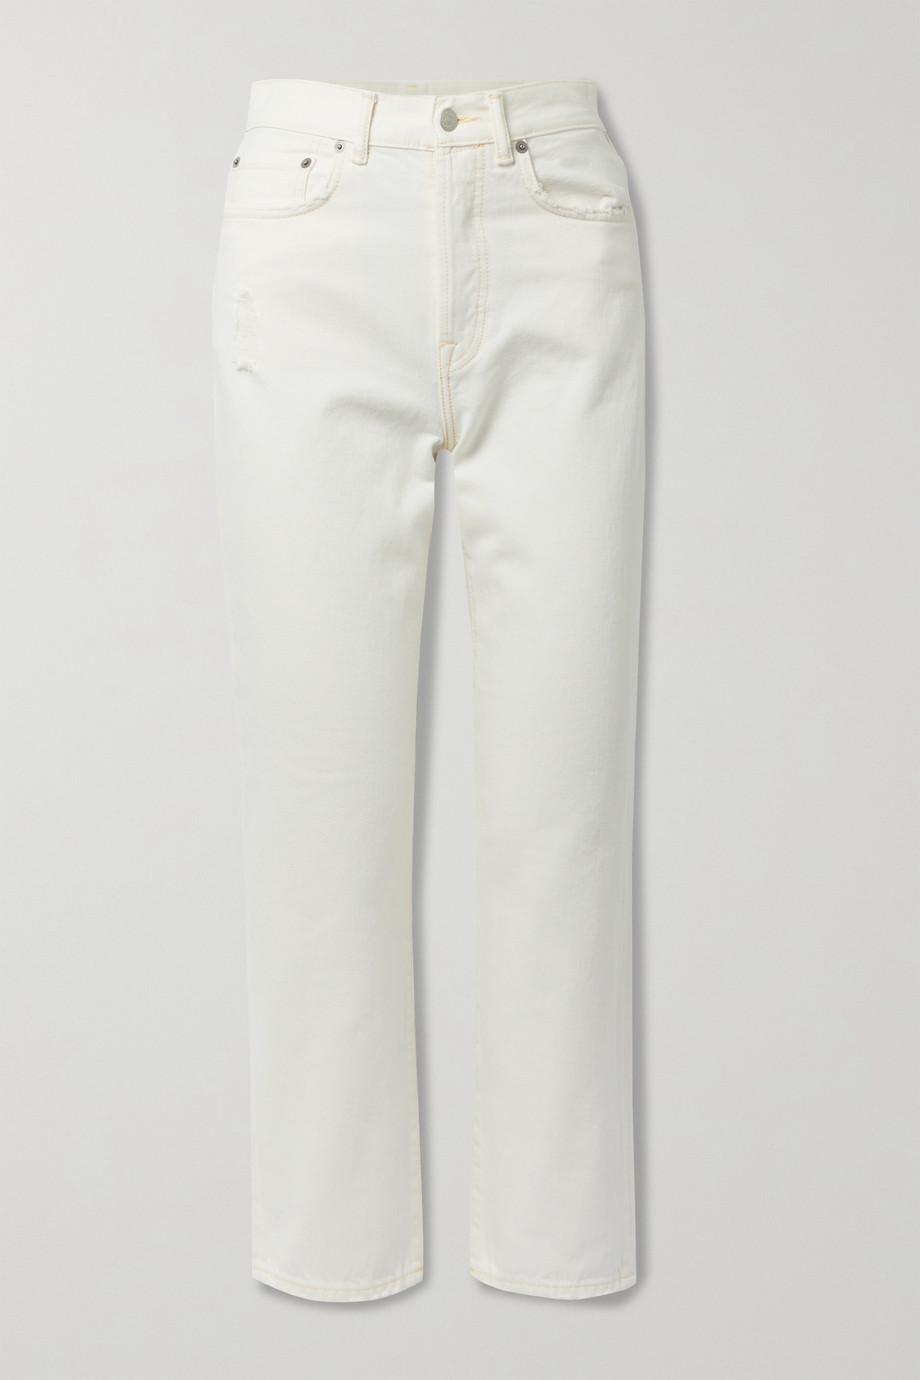 Acne Studios + NET SUSTAIN verkürzte, hoch sitzende Jeans mit geradem Bein aus Bio-Denim in Distressed-Optik